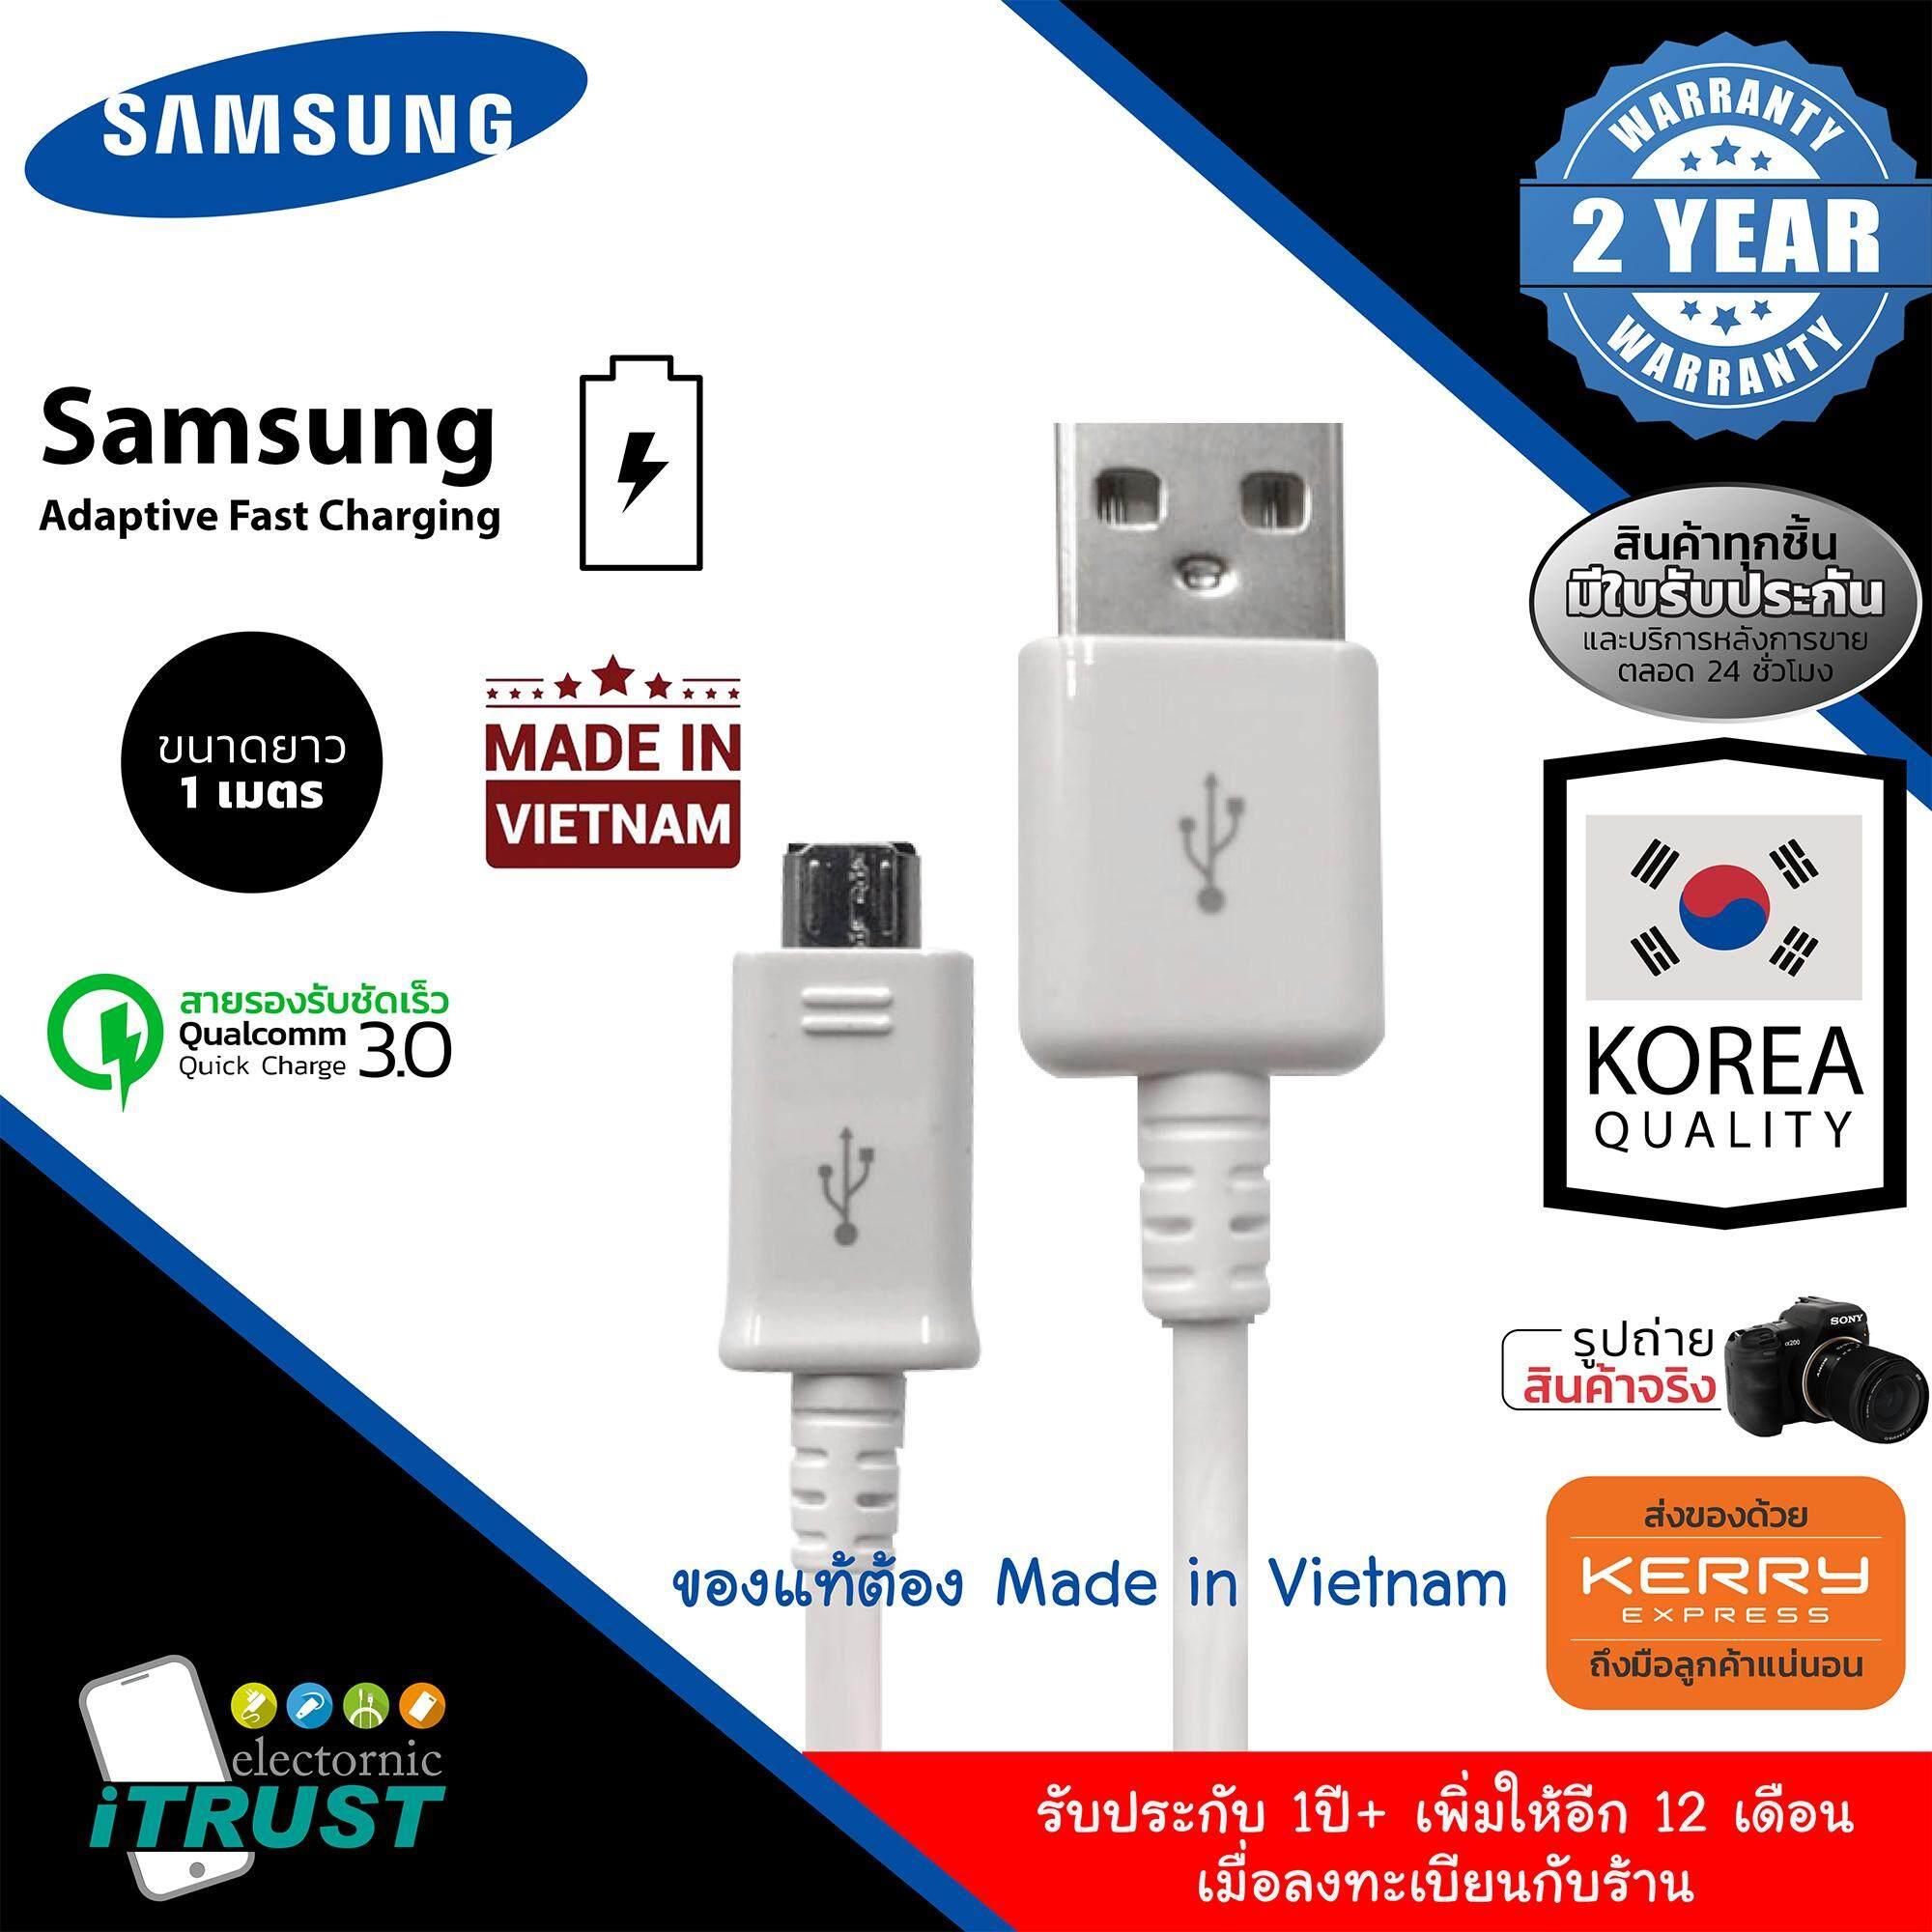 สายชาร์จเร็ว Samsung Micro Usb / สายชาร์จเร็ว ซัมซุง / ความยาวสาย 1.5 เมตร / สายชาร์จเเล้วเชื่อมต่อข้อมูล (ประกัน 24 เดือน) แท้100%.